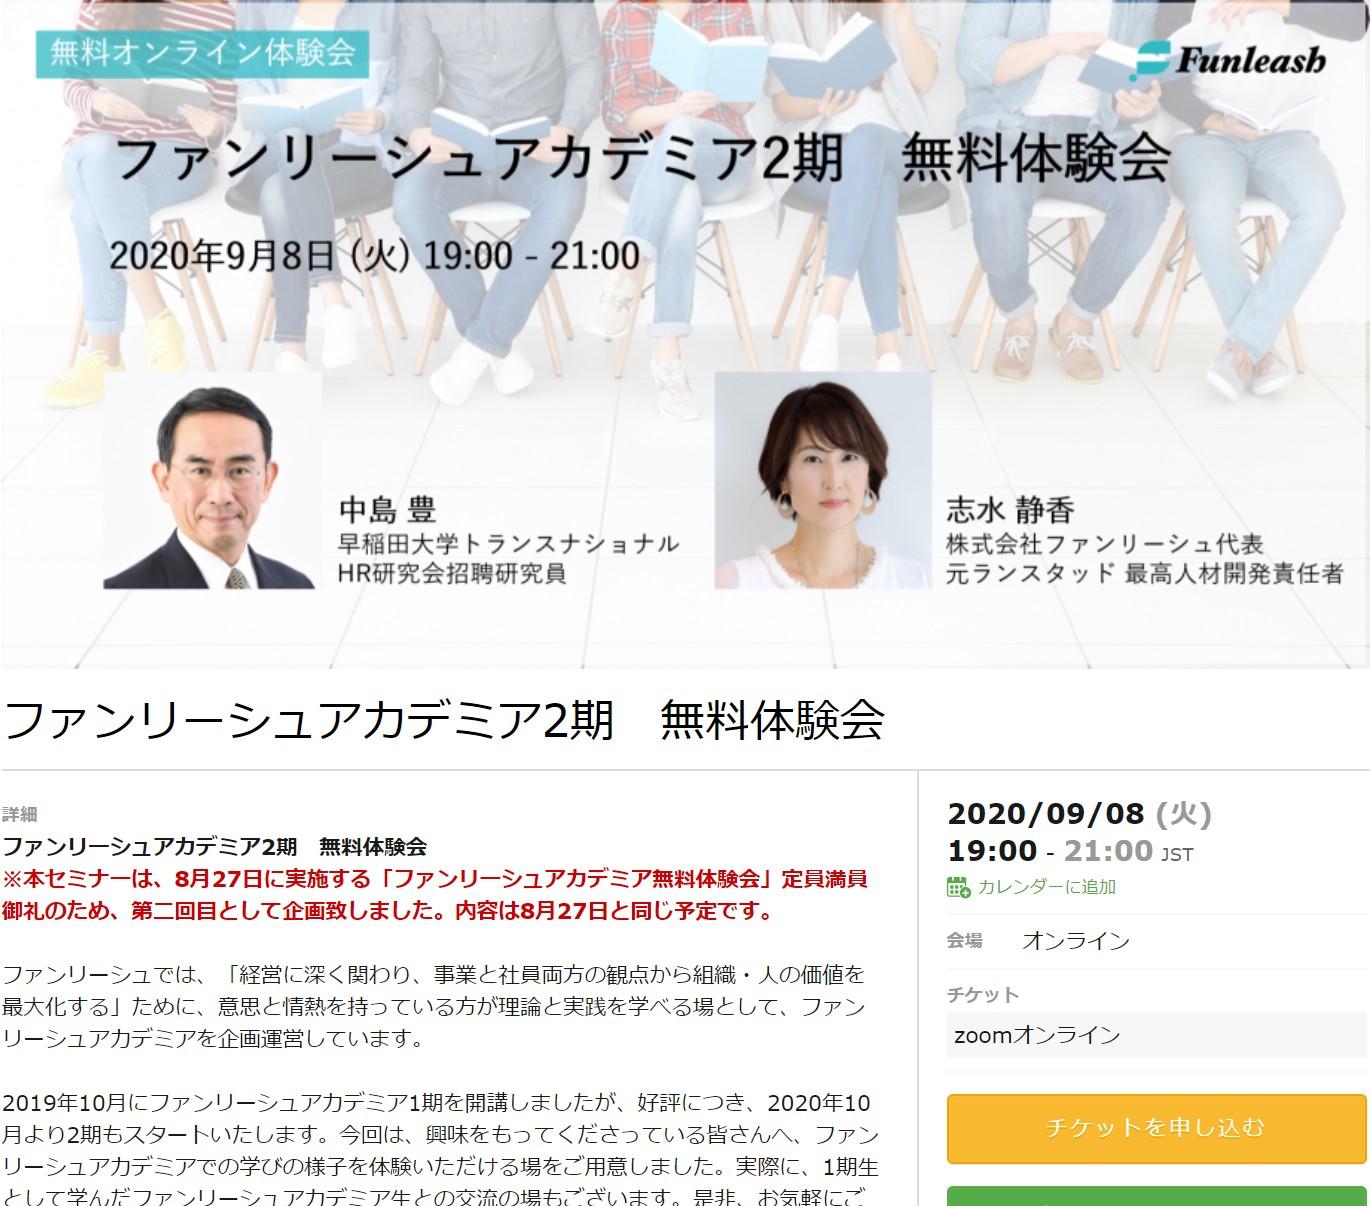 2020-09-08 ファンリーシュアカデミア2期 無料体験会 第二弾